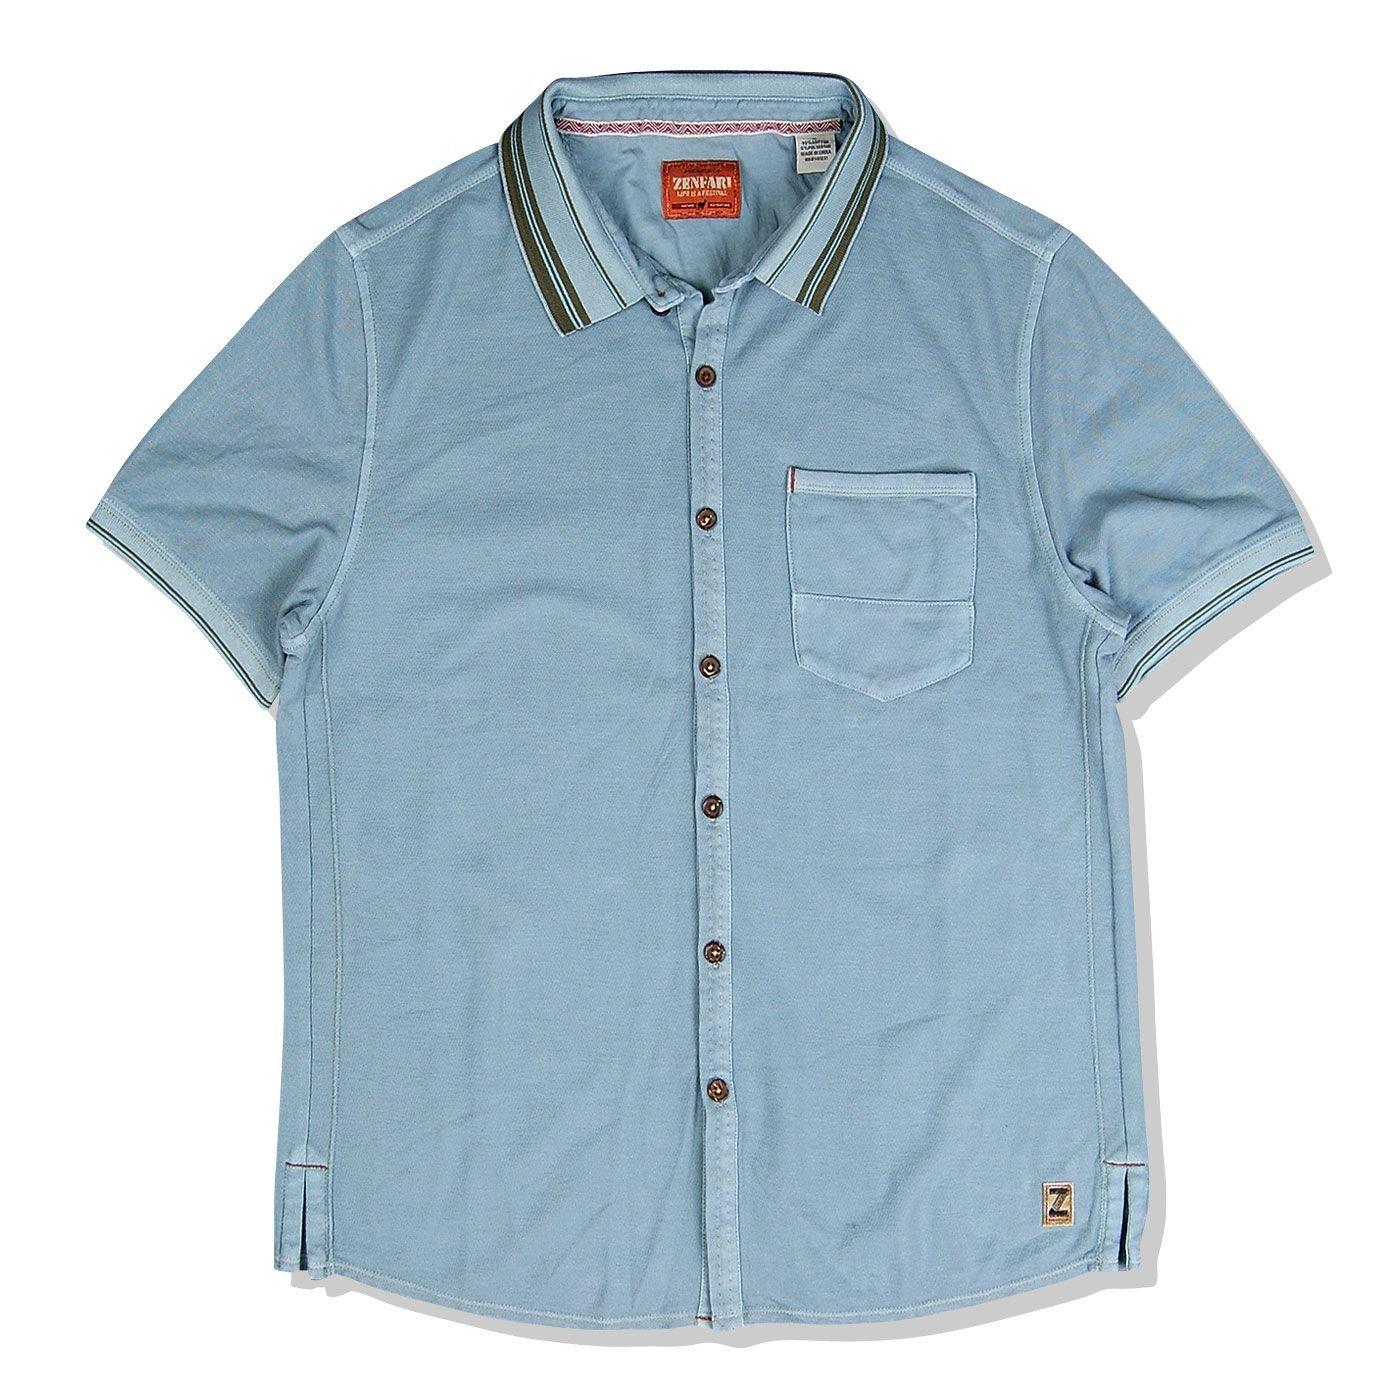 Zenfari Jacket, Mojito, Slate, X-Large